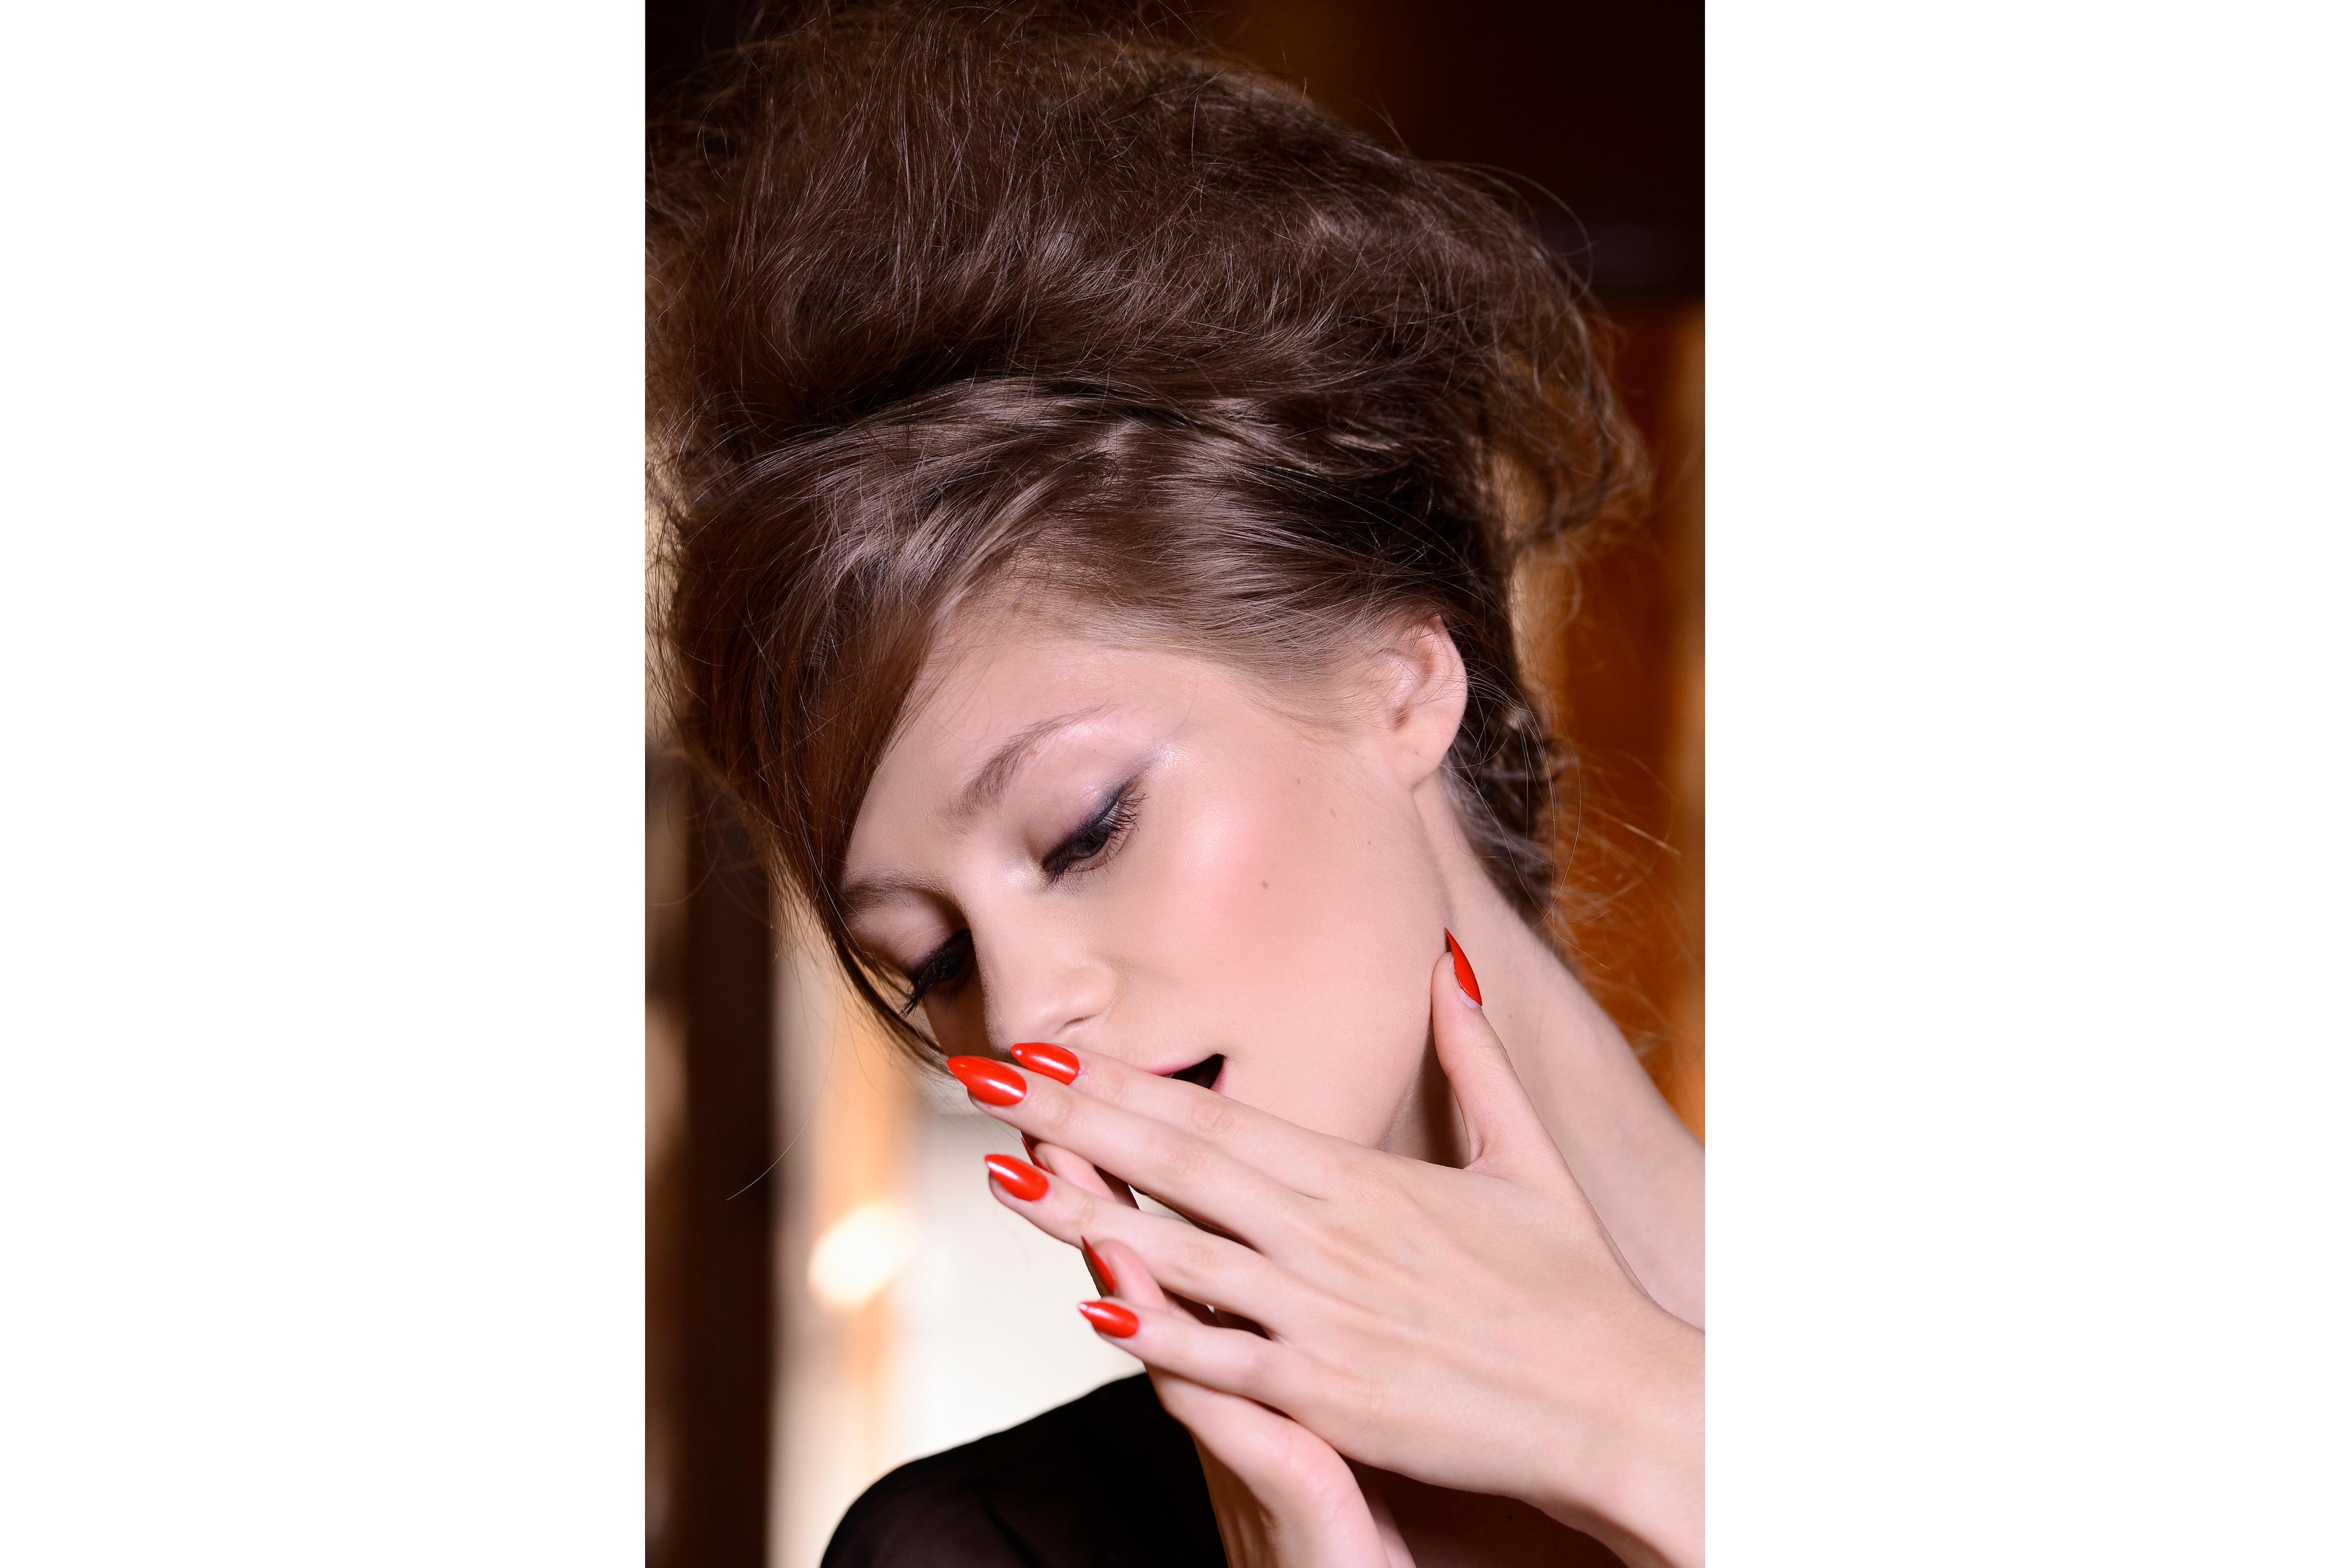 Unghie lunghissime laccate di rosso brillante per le donne che vogliono osare (Franck Sorbier)